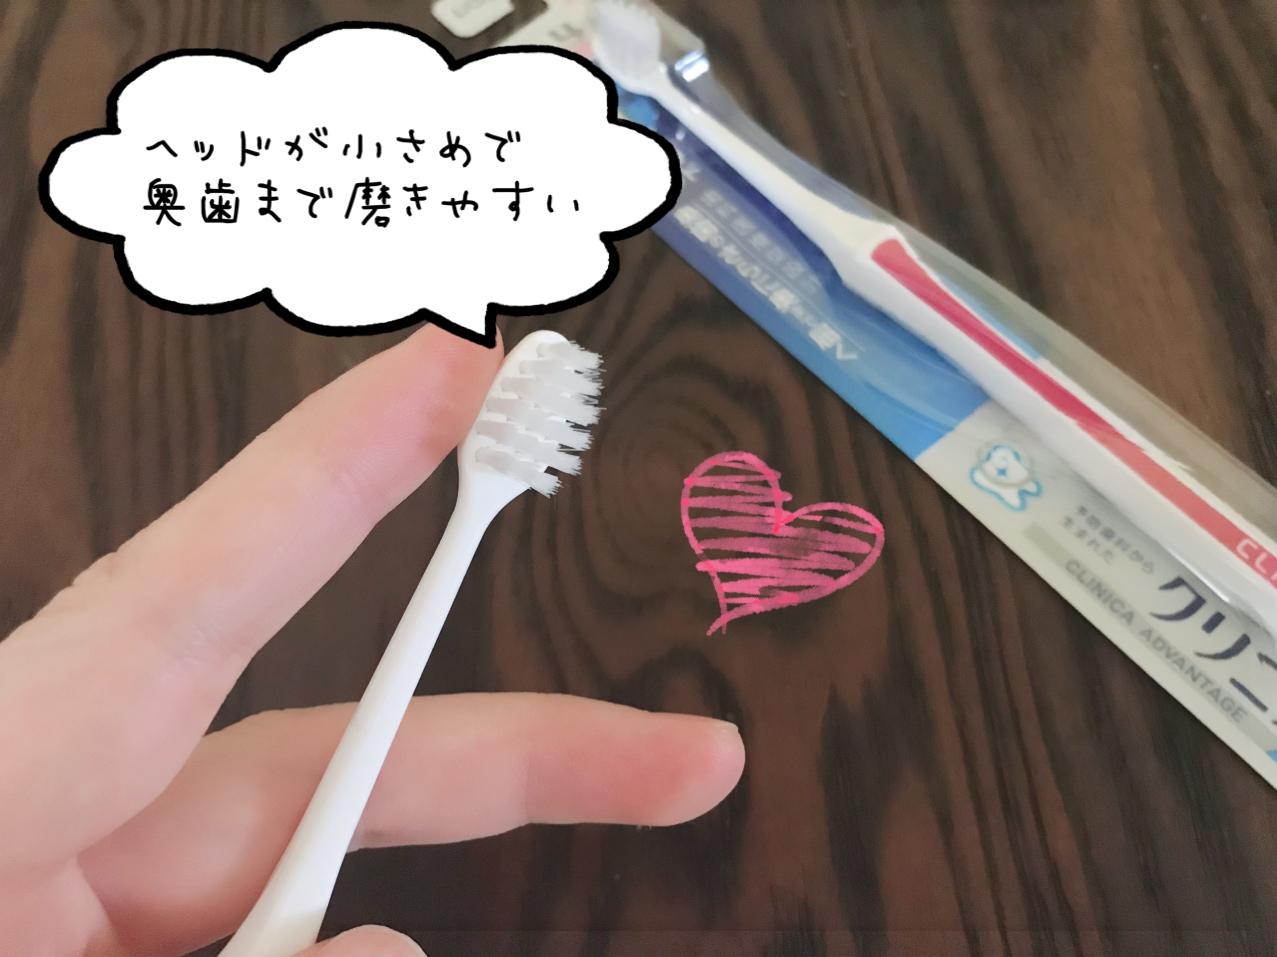 顎変形症手術後におすすめの歯ブラシ